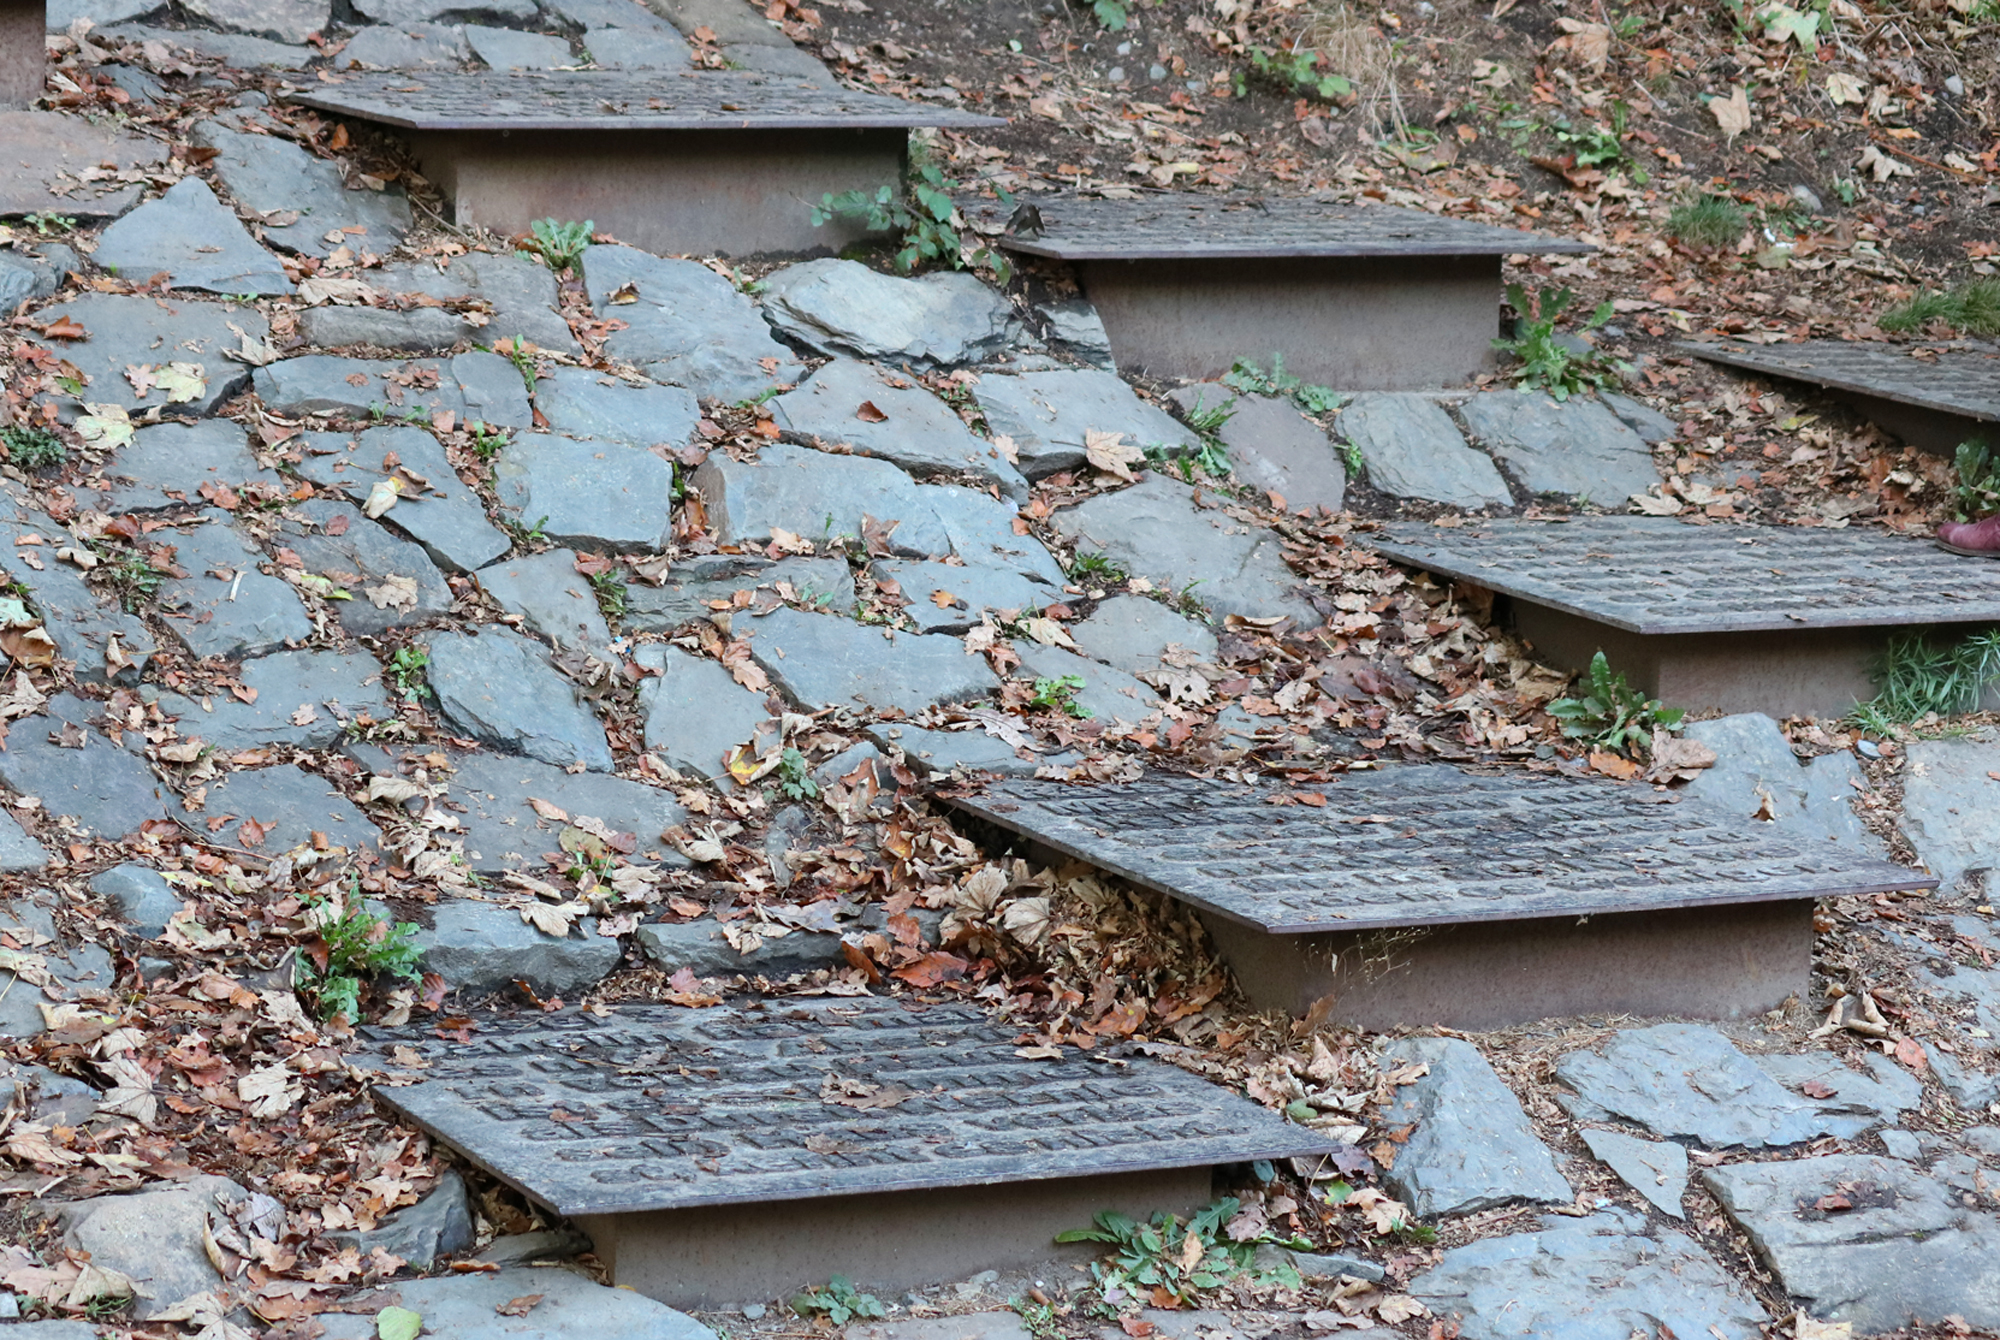 Kunstprojekt Müngstener Rätsel im Brückenpark | Begehbare und sprechende Stahlplatten mit Beschriftung